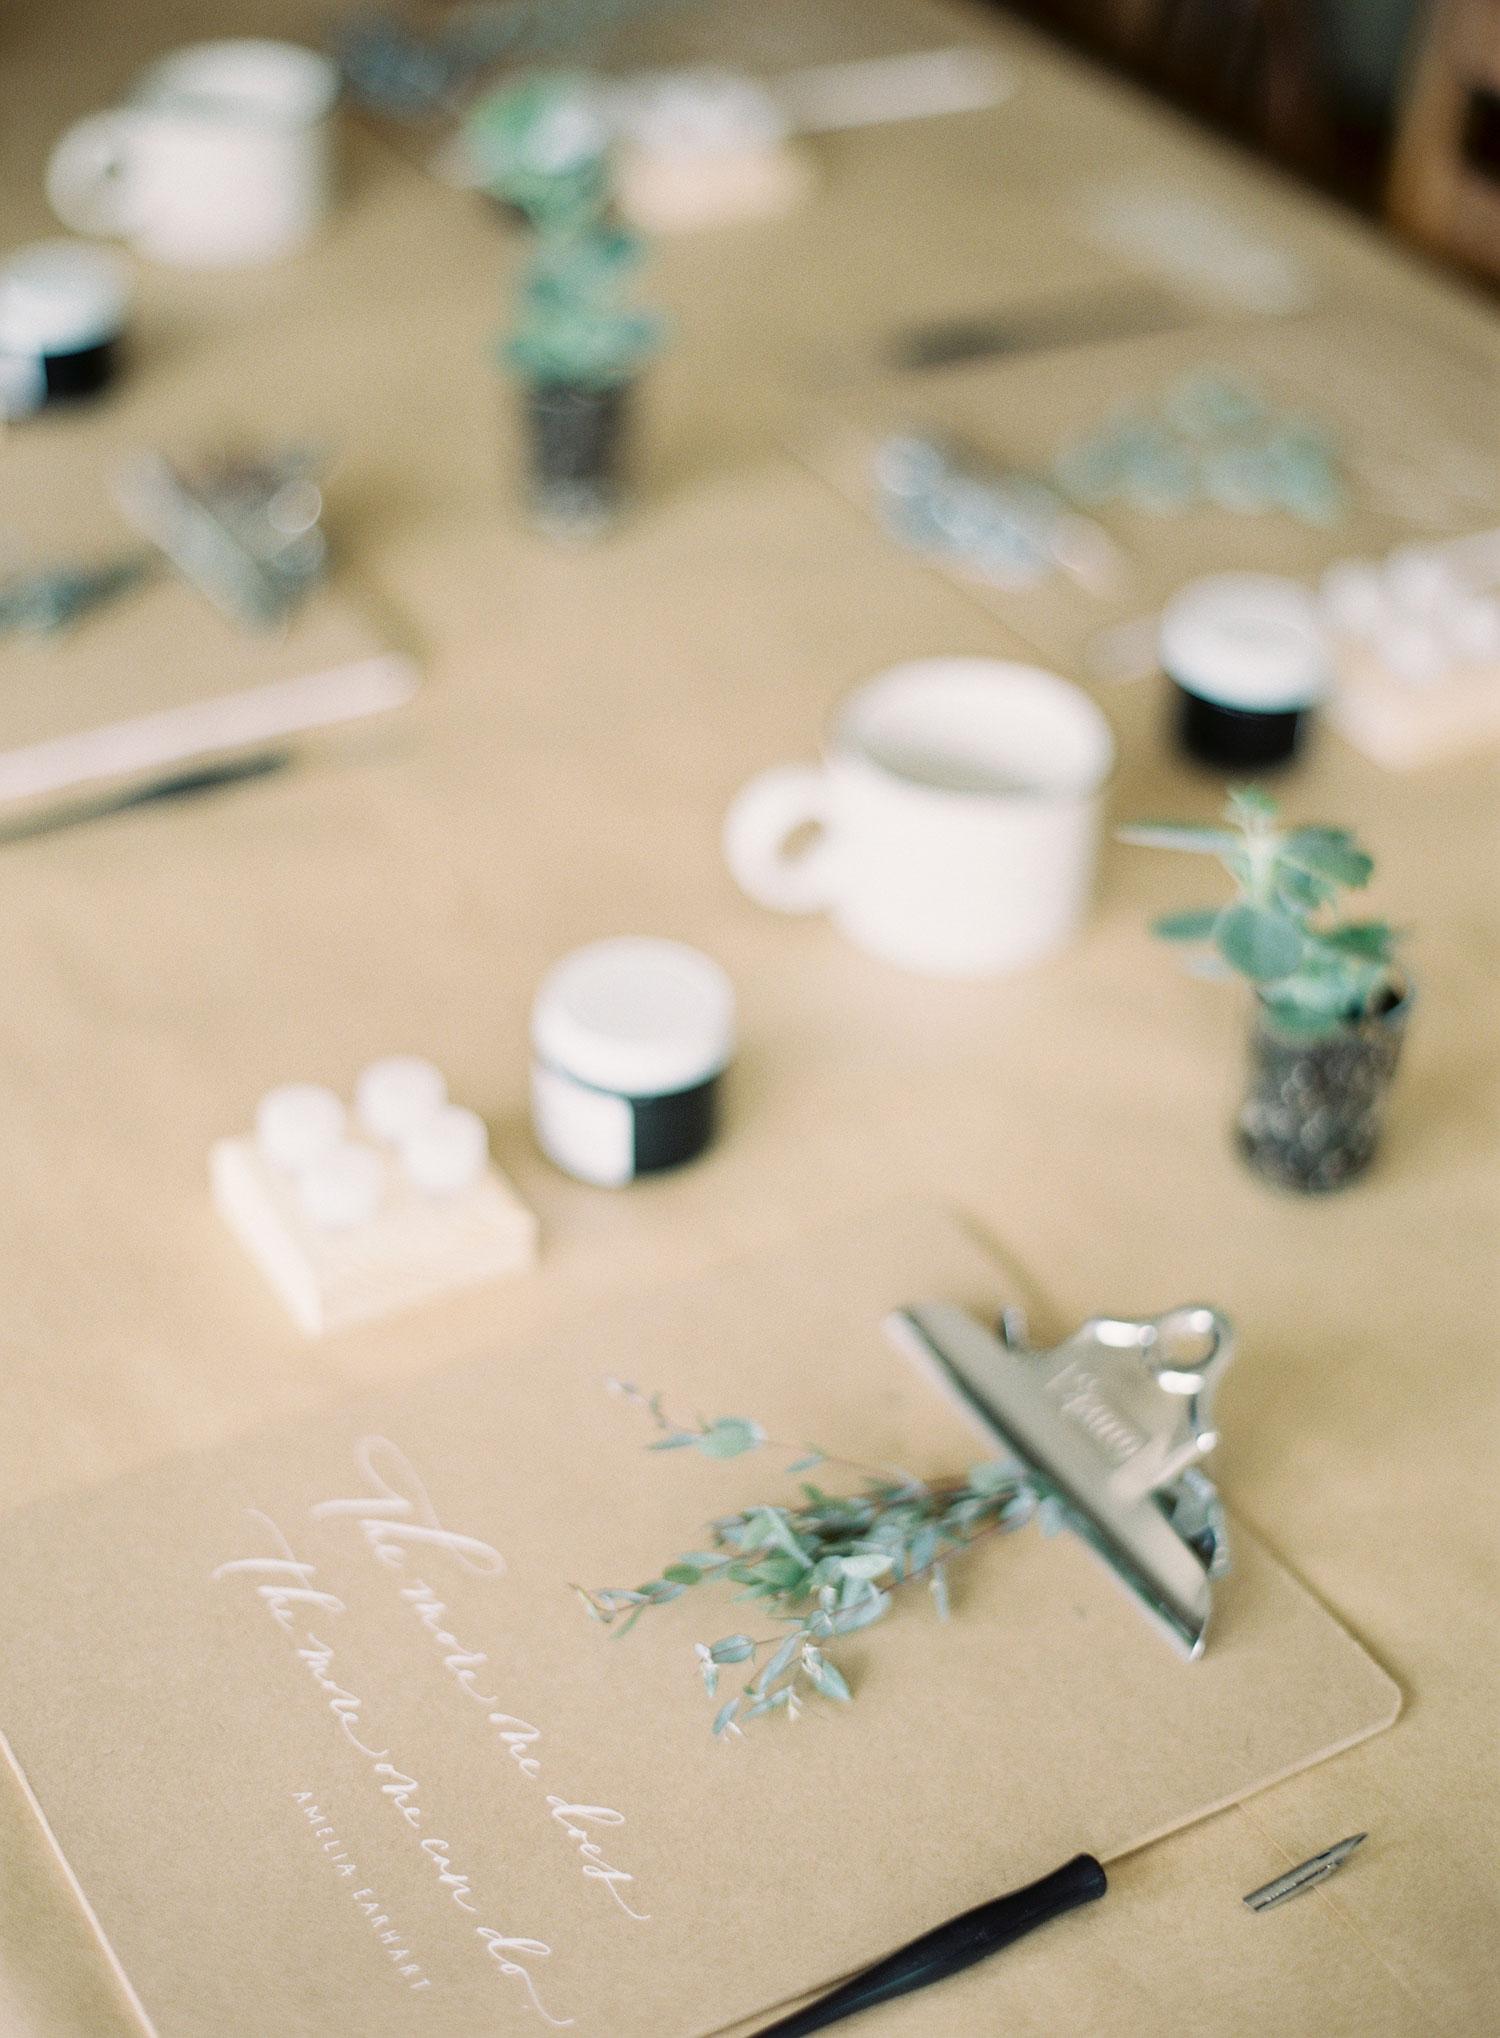 paperfinger-workshopscene-jhuang.jpg